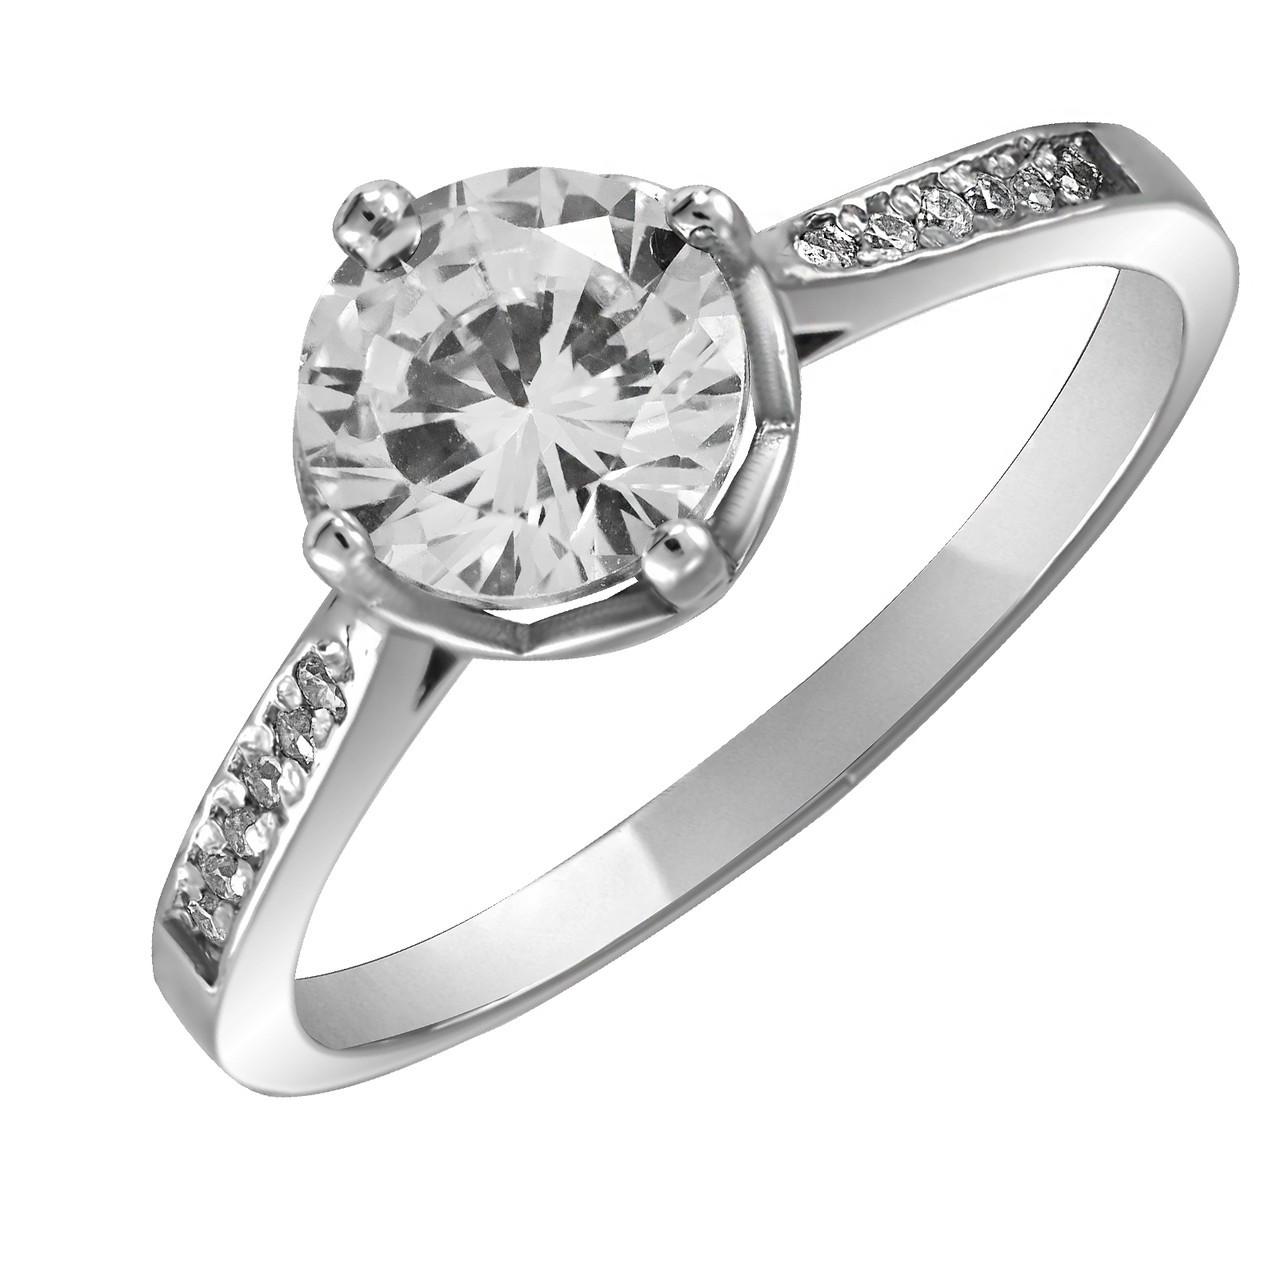 Кольцо из серебра с кубическим цирконием Twiddle Jewelry 18.5 размер (К016-18.5)